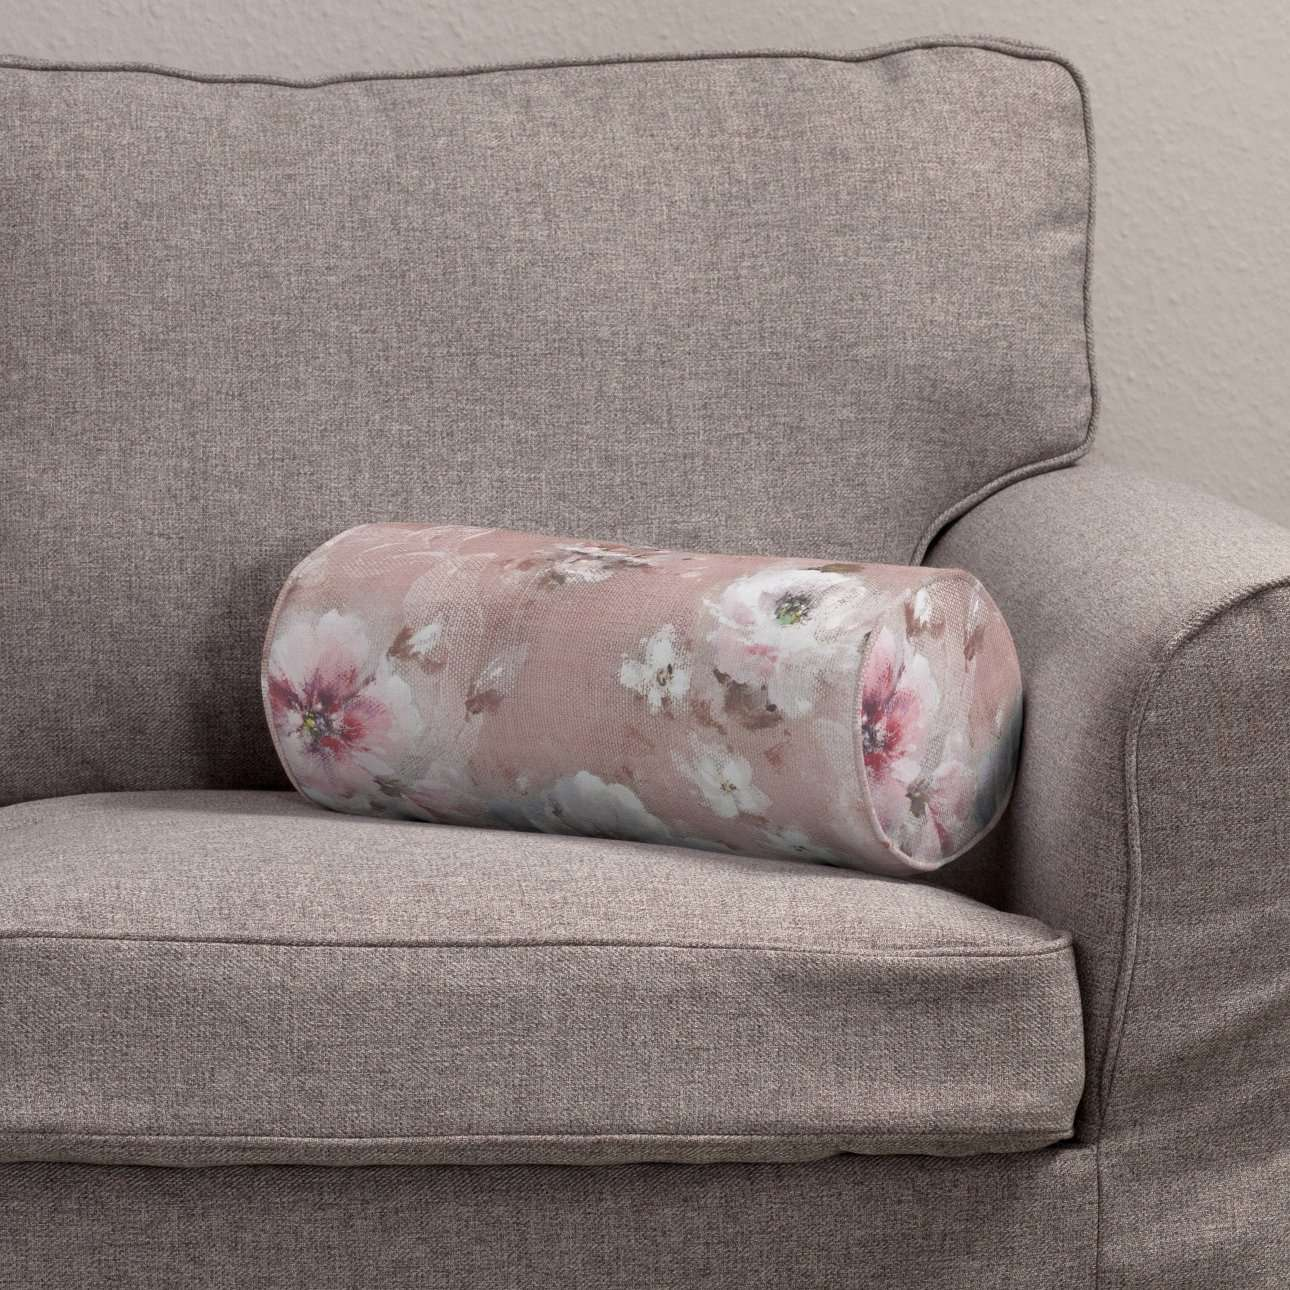 Poduszka wałek prosty Ø 16 x 40 cm w kolekcji Monet, tkanina: 137-83